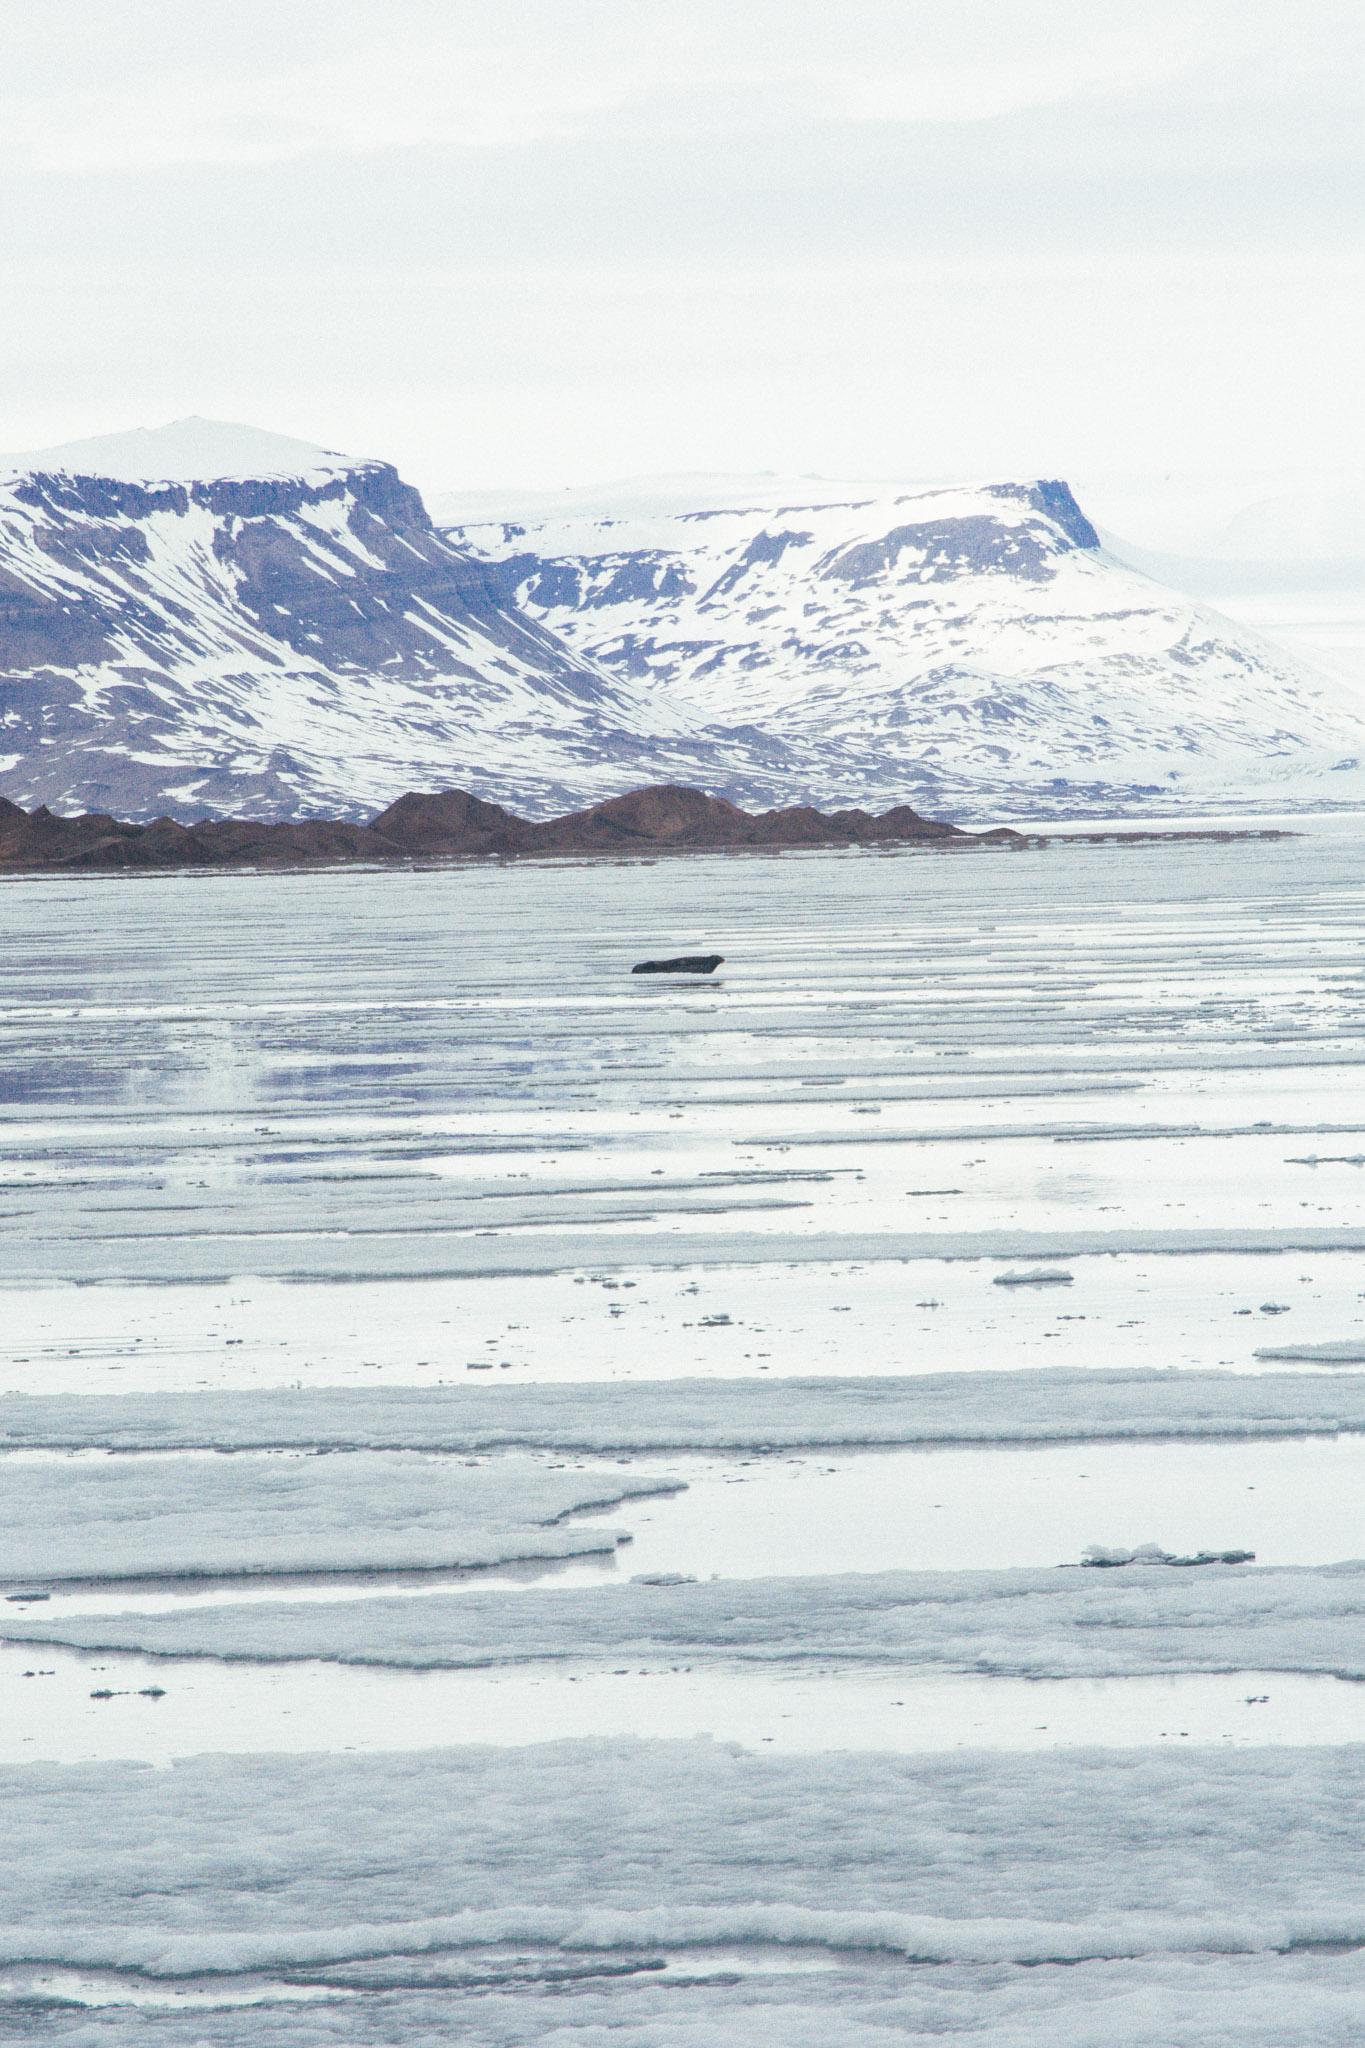 Svalbard_2018_Pukka_Perri_Rothenberg-44.jpg